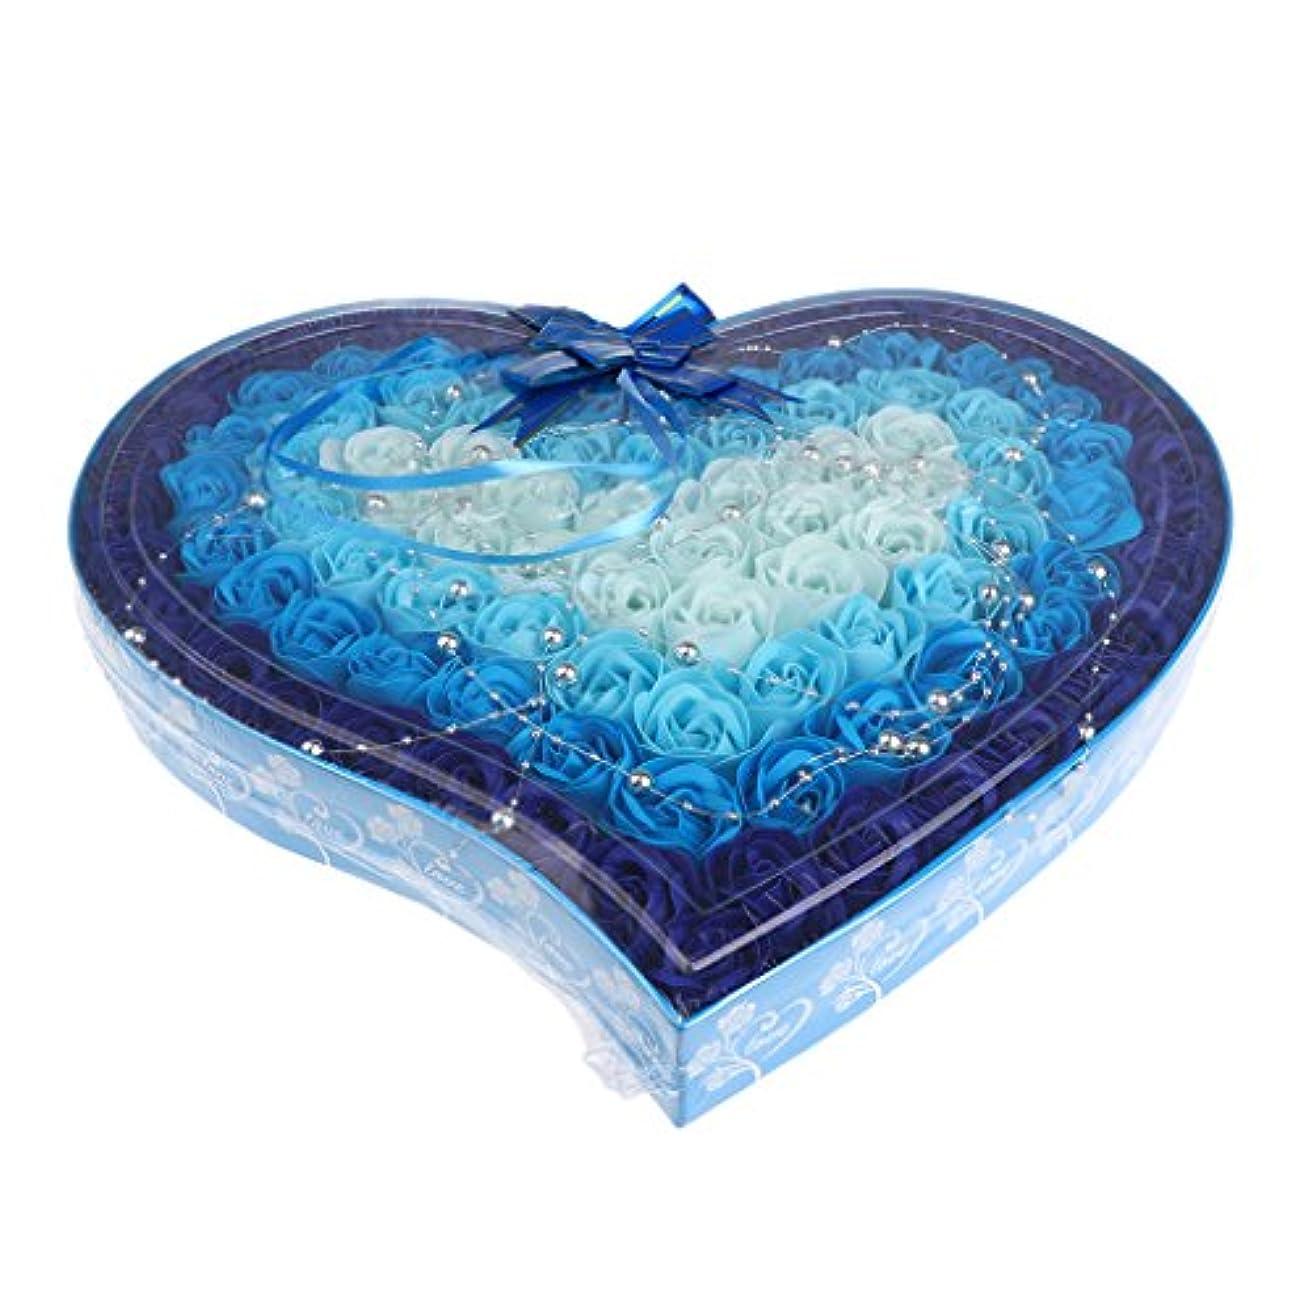 干し草スノーケルシーサイドKesoto 石鹸の花 造花 ソープフラワー 心の形 ギフトボックス  母の日   バレンタイン プレゼント 全4色選べる - 青